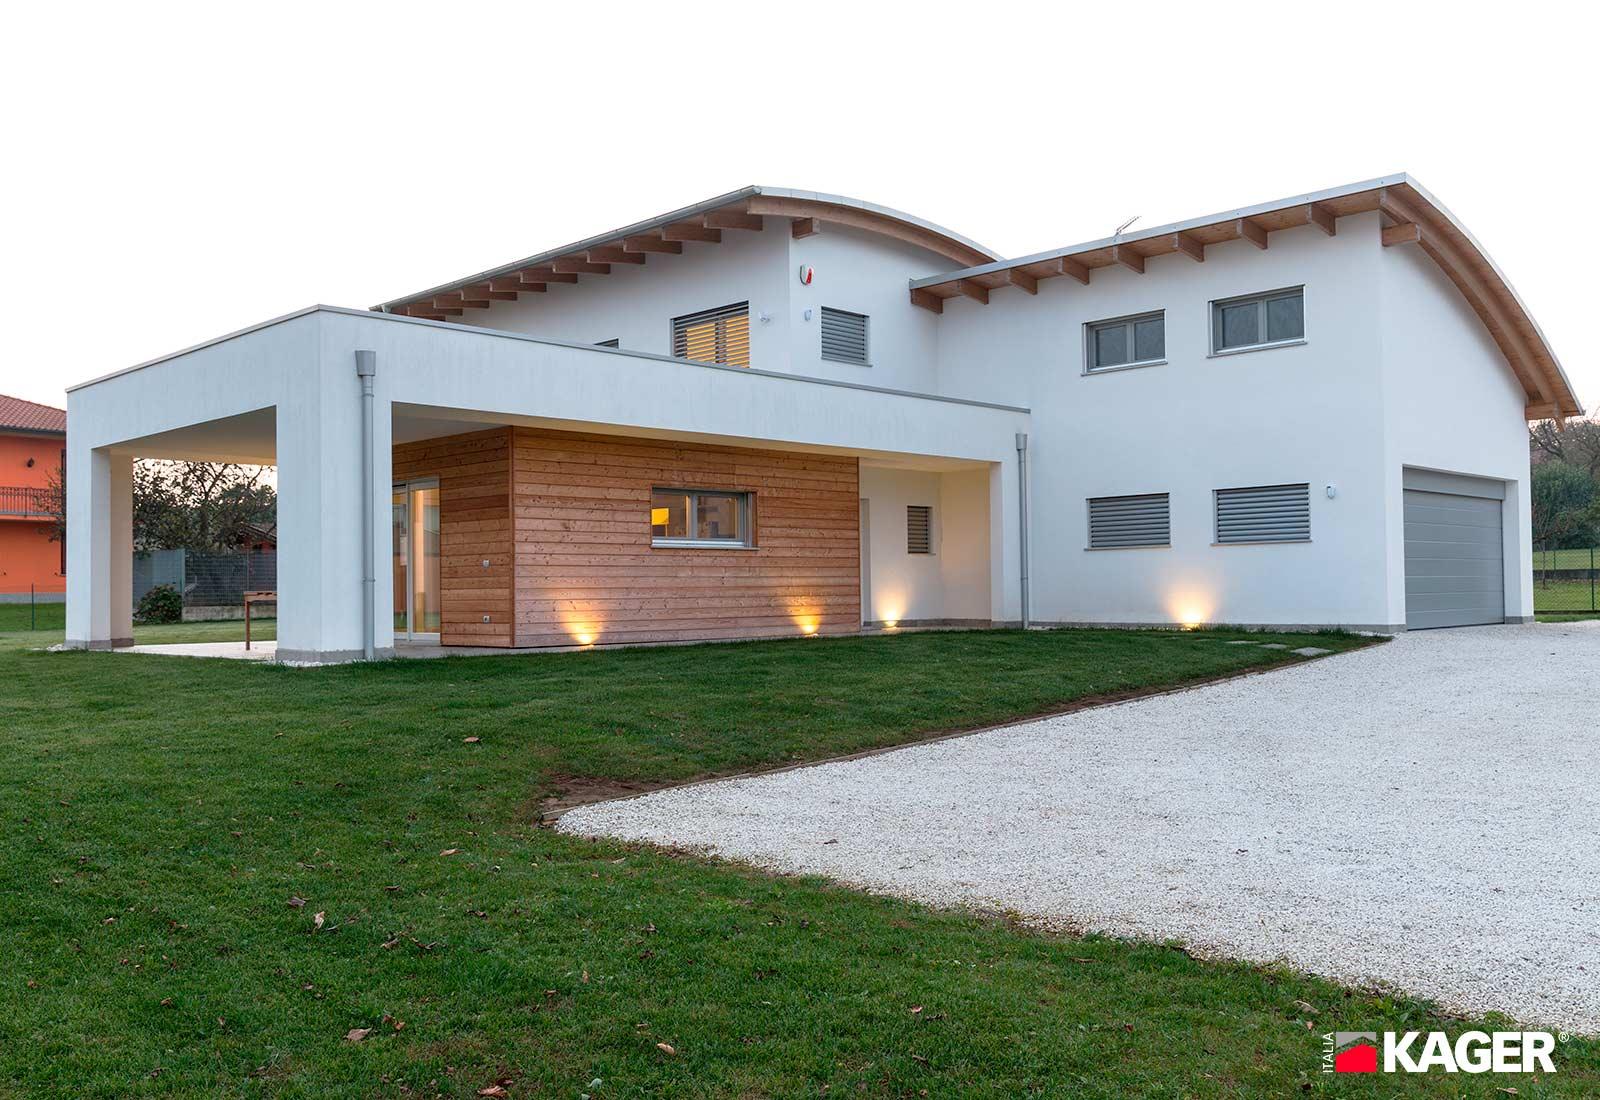 Casa-in-legno-Brebbia-Kager-Italia-14